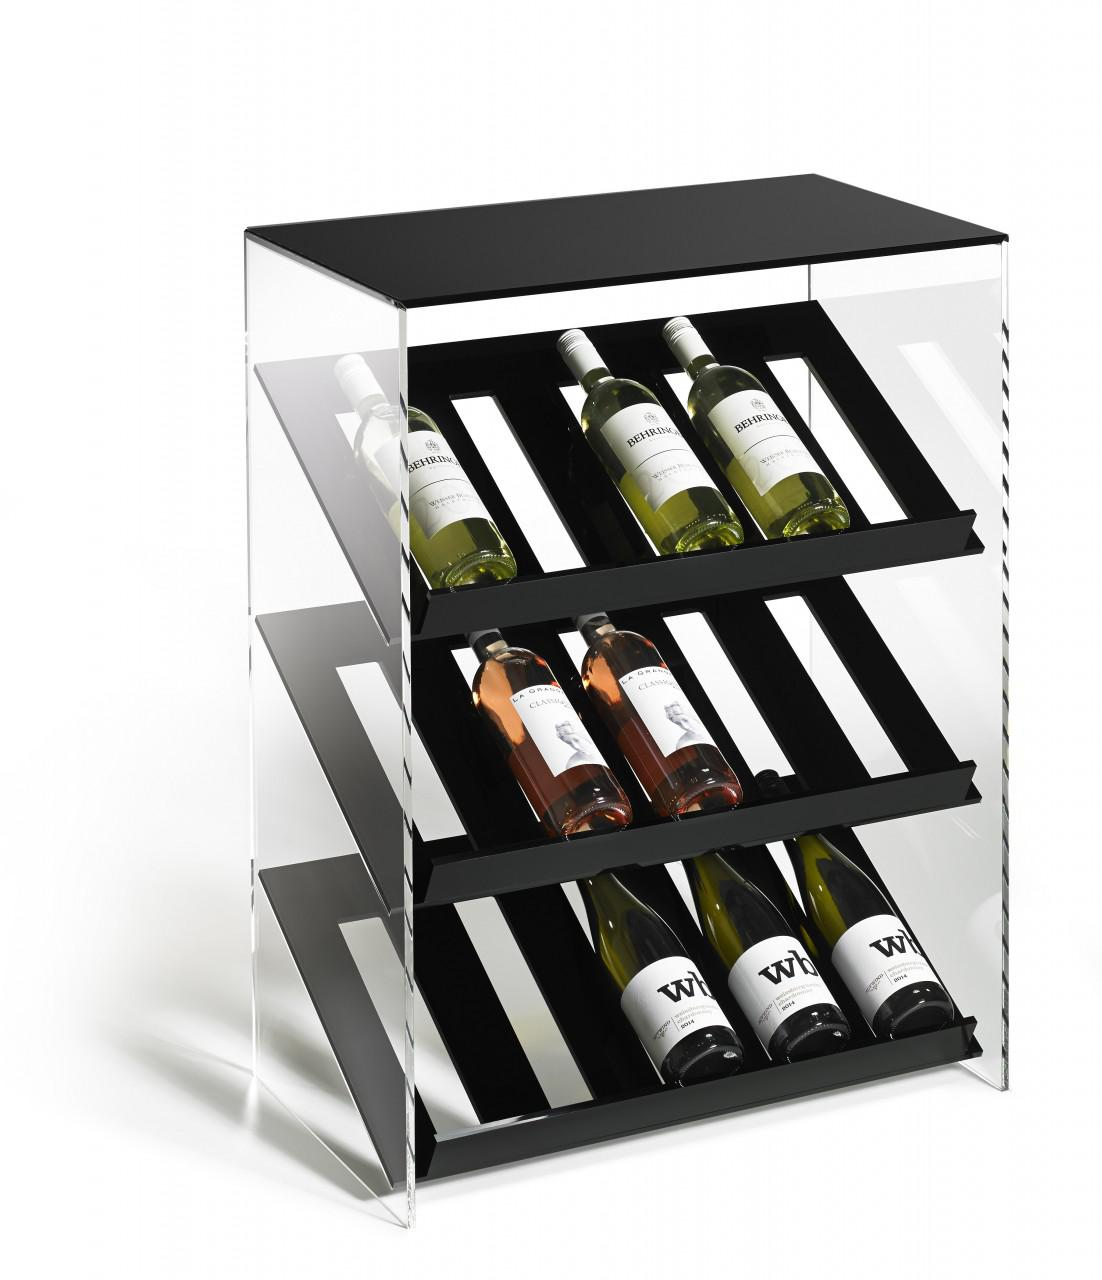 hochwertiges acryl glas designer weinregal flaschenregal weinschrank b 60 x kaufen bei. Black Bedroom Furniture Sets. Home Design Ideas